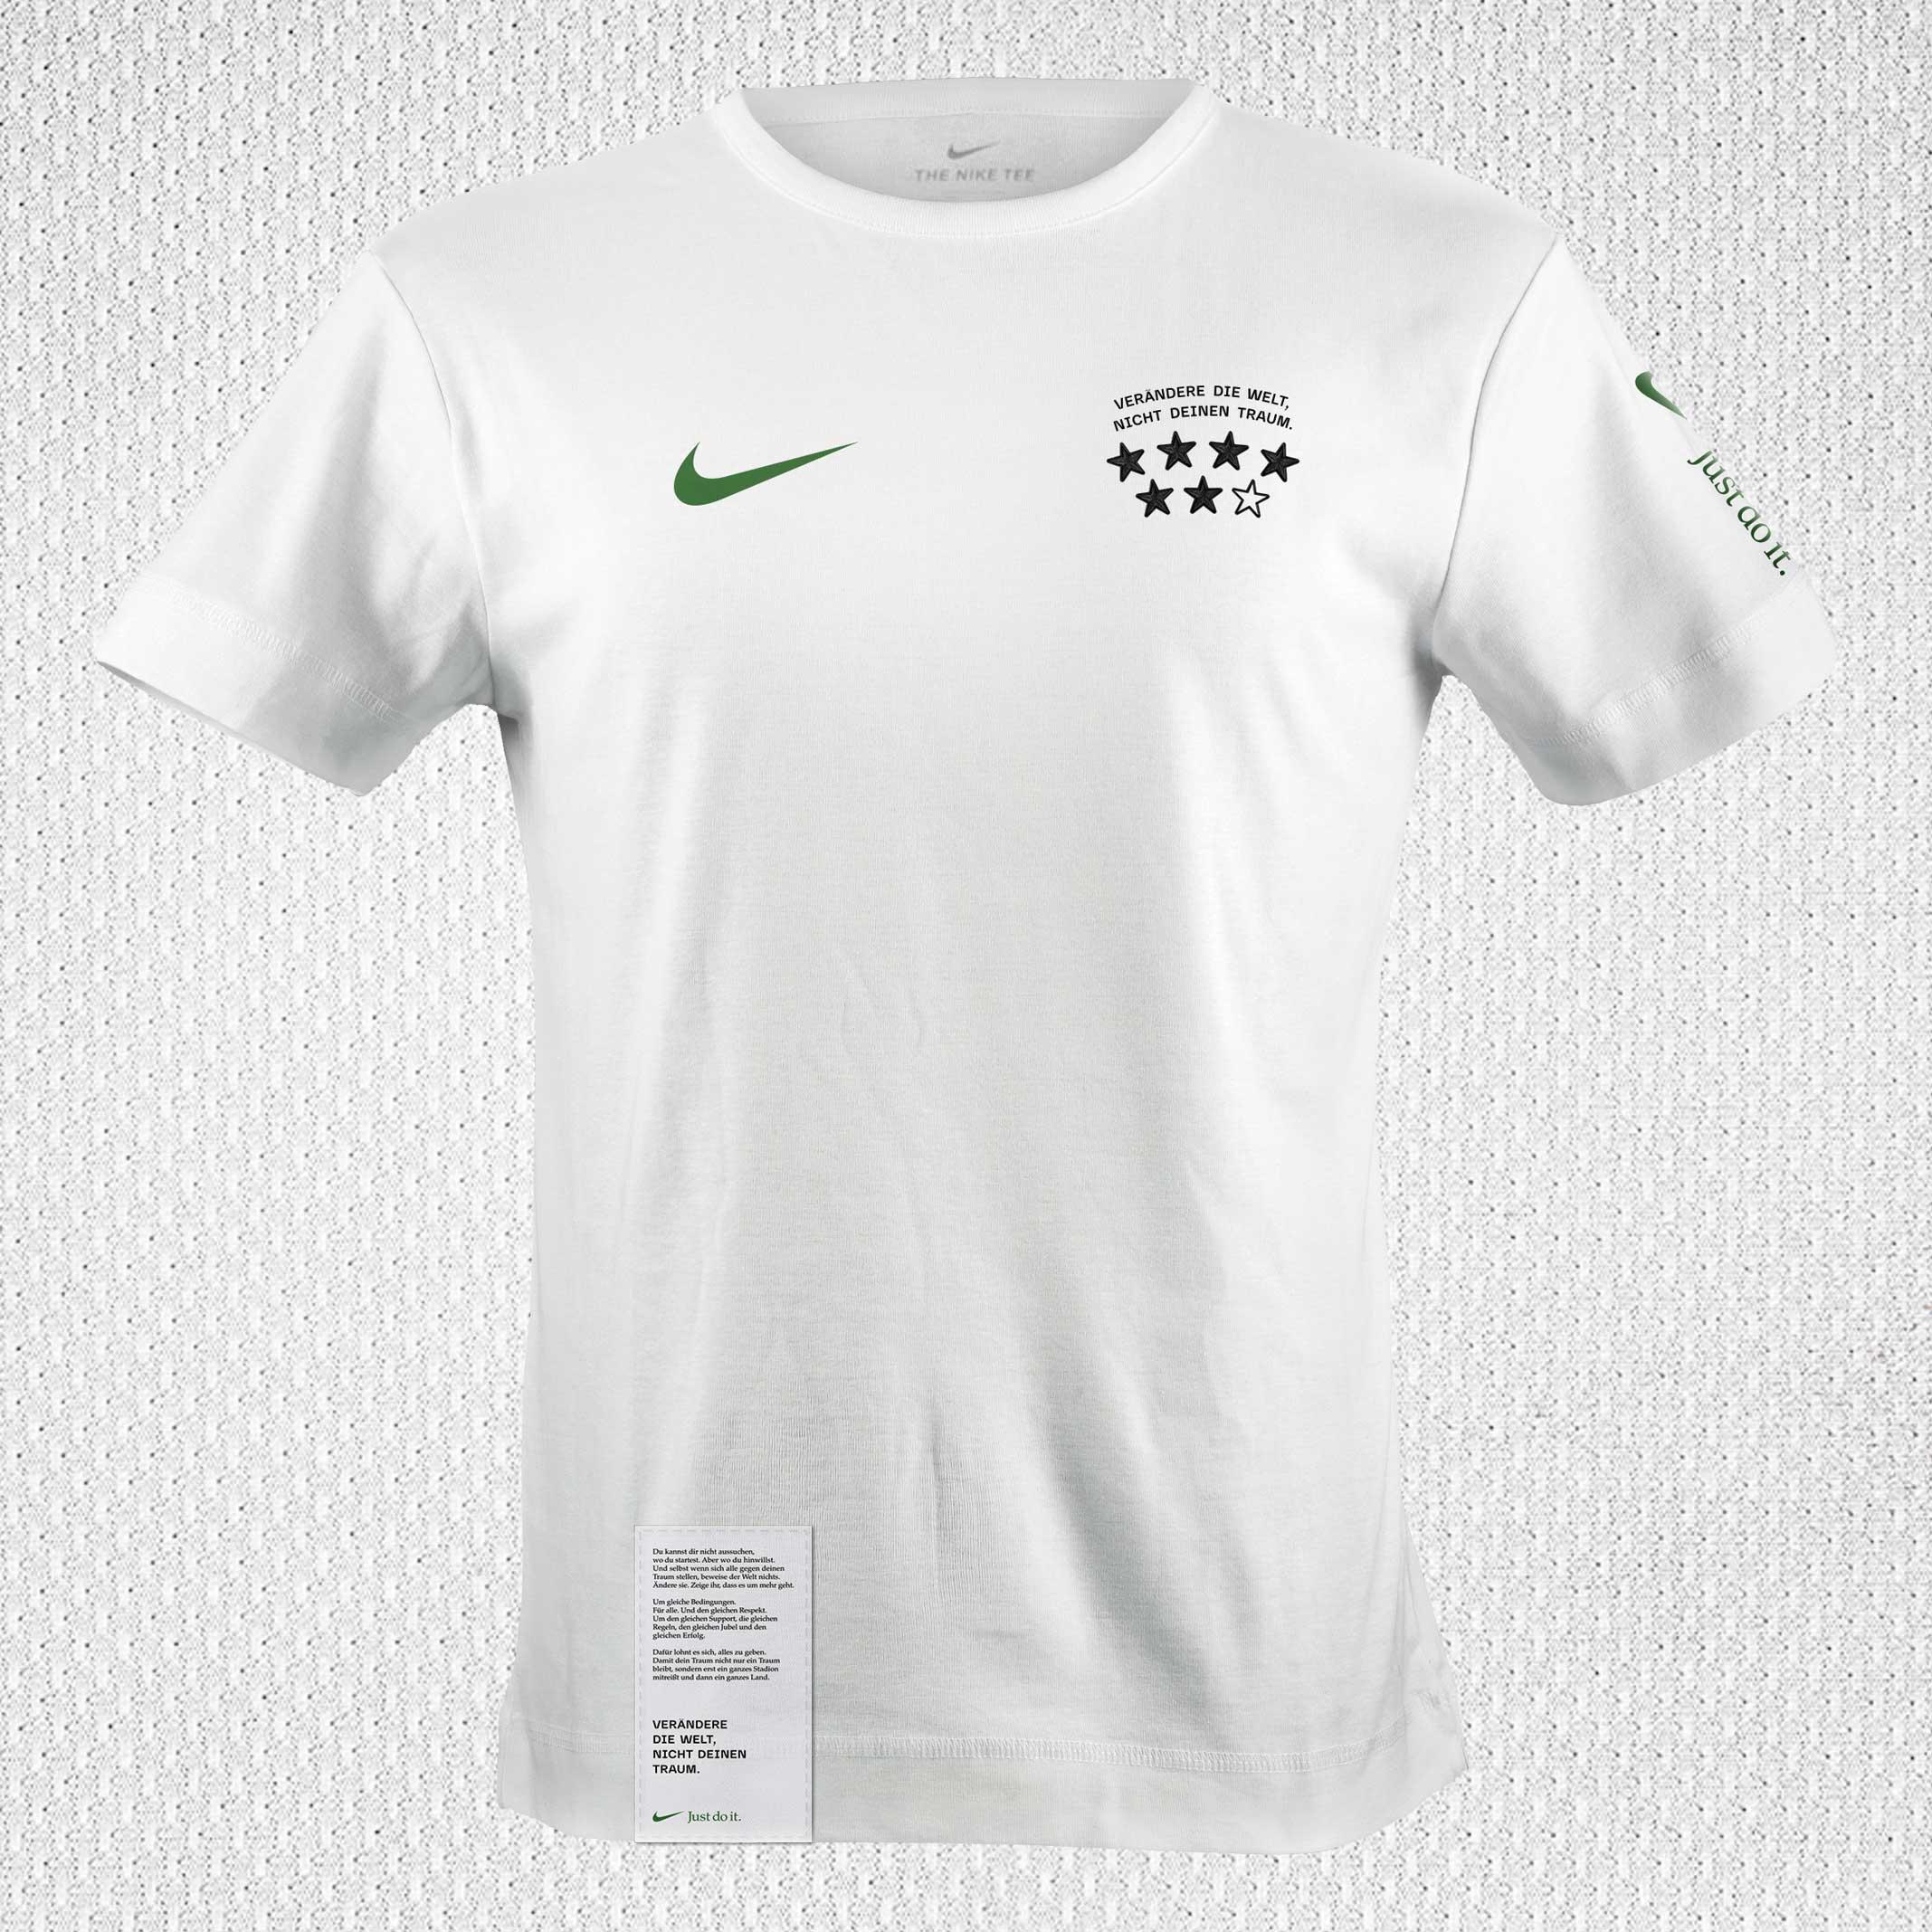 nike-tshirt-mockup-1-1